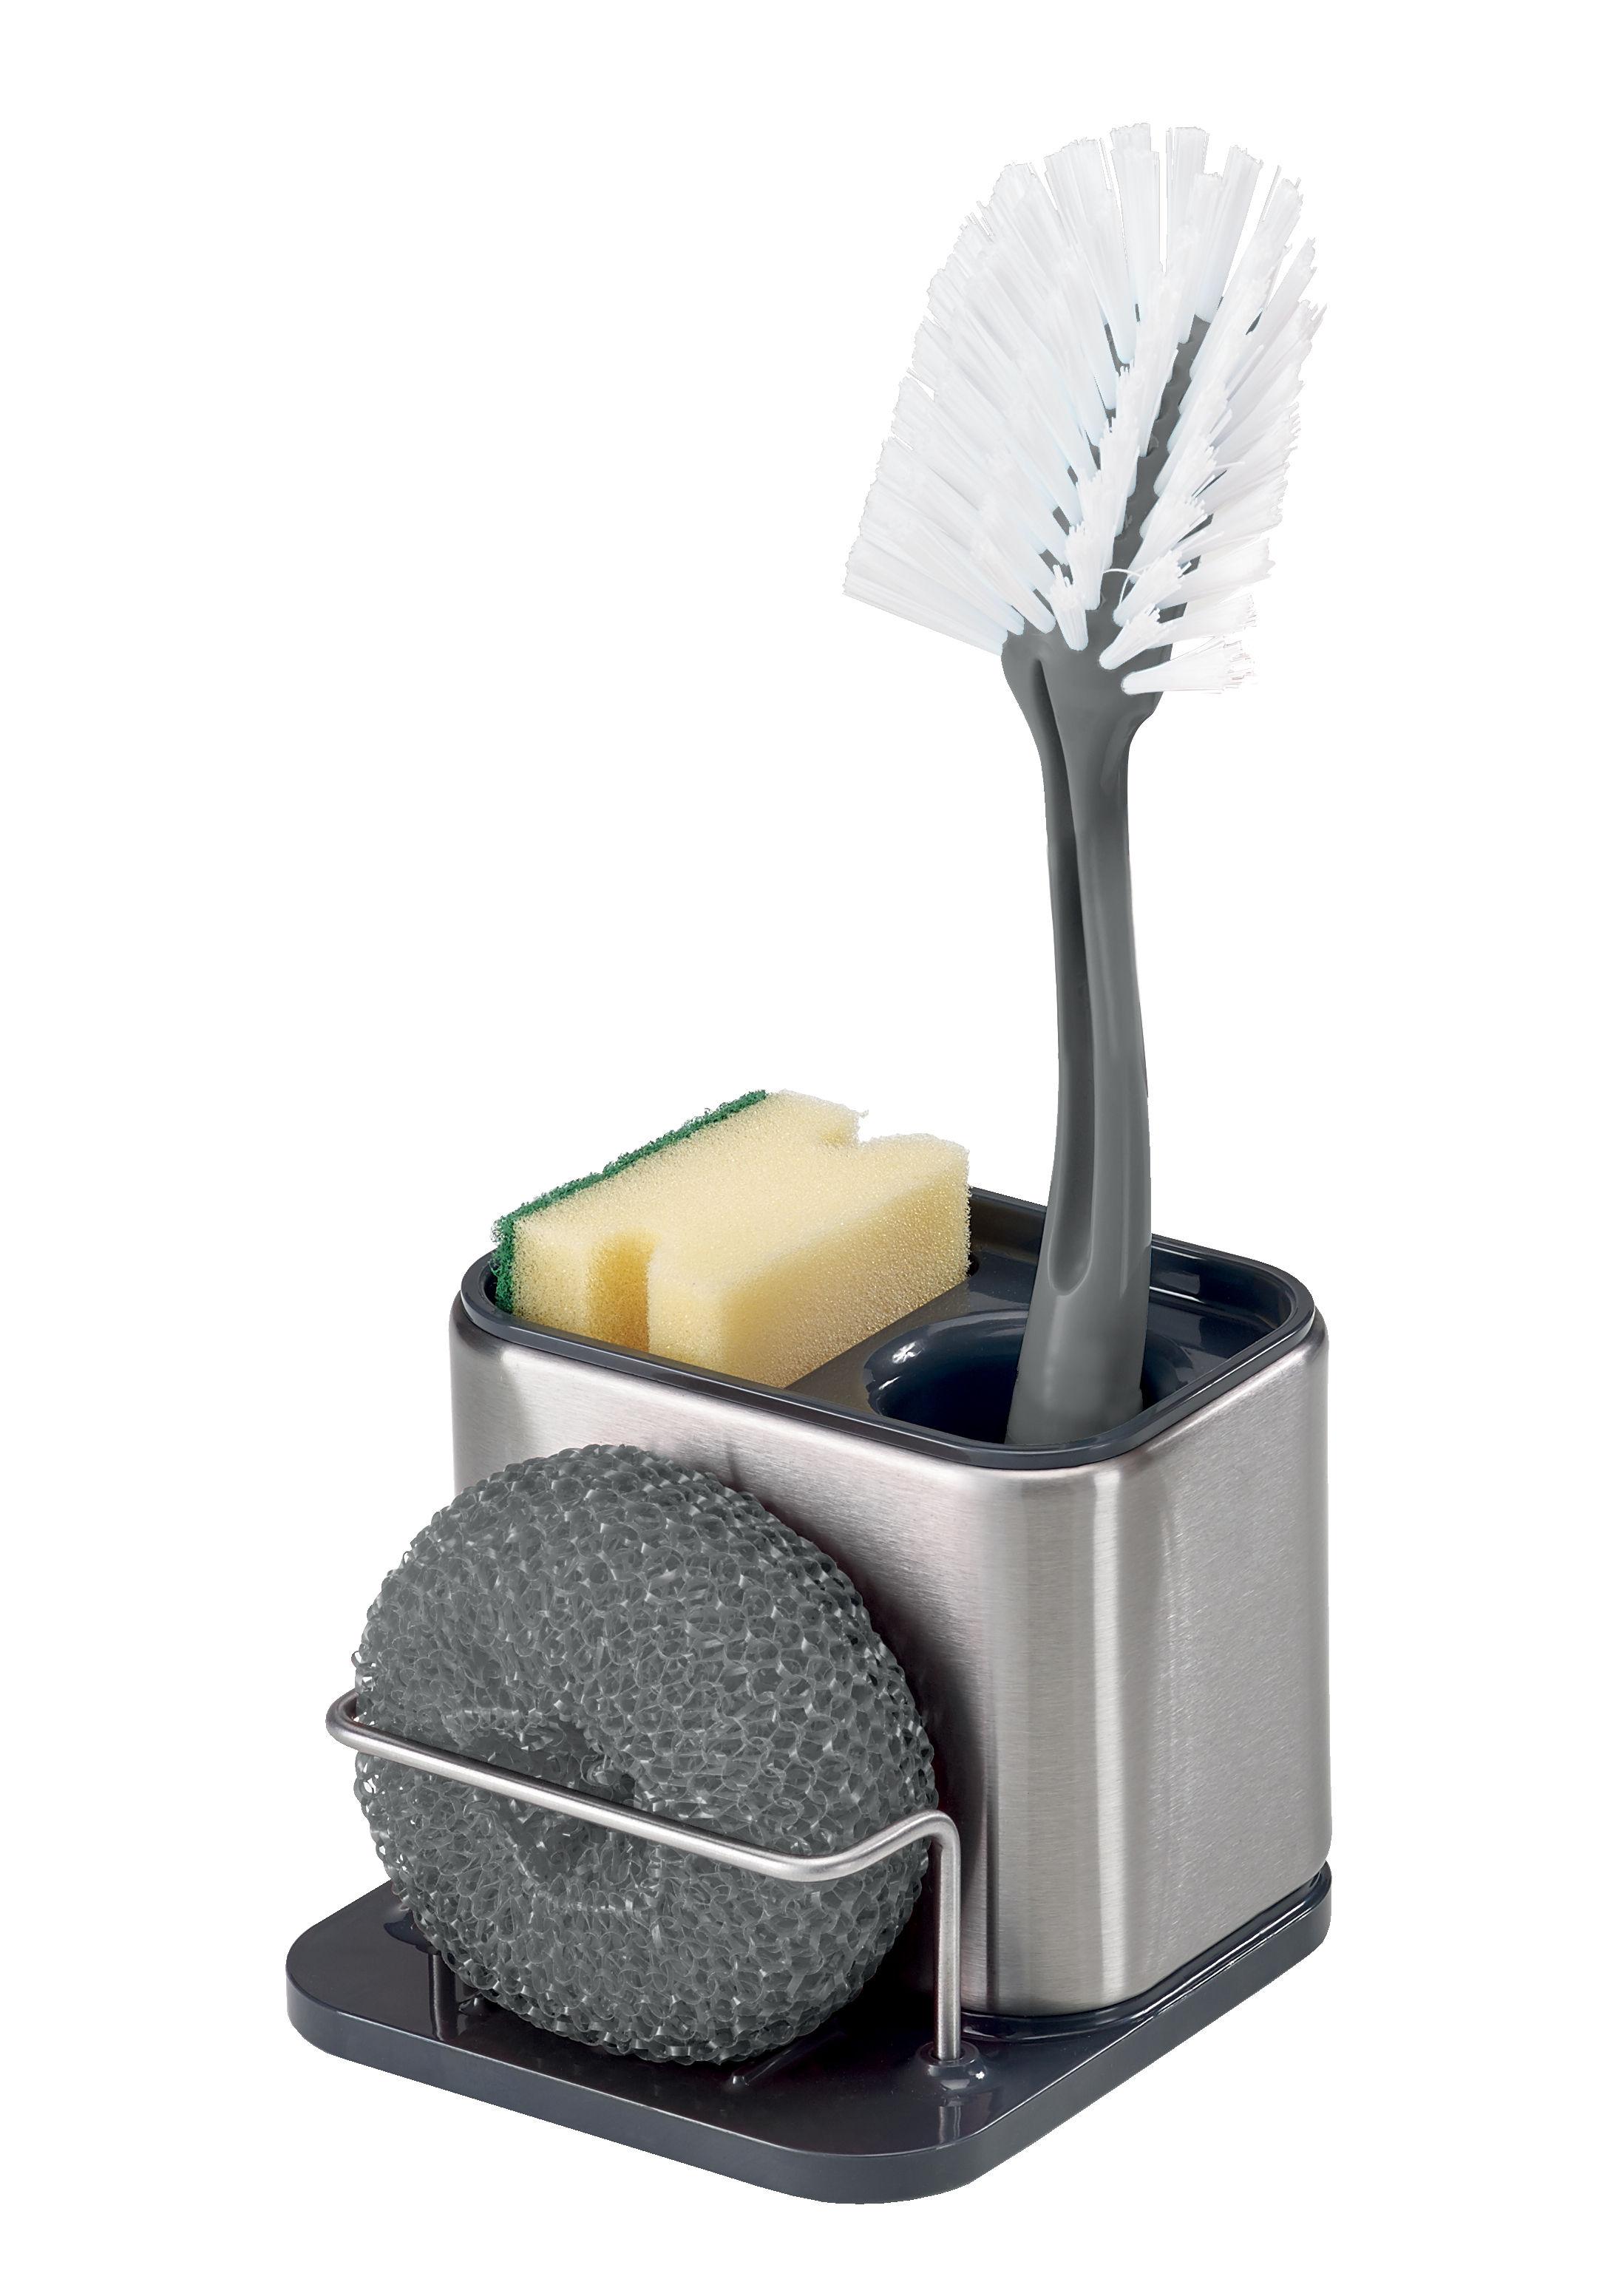 Utensilienhalter Küche Schwarz  Flaschenkorb Metall – Potibe